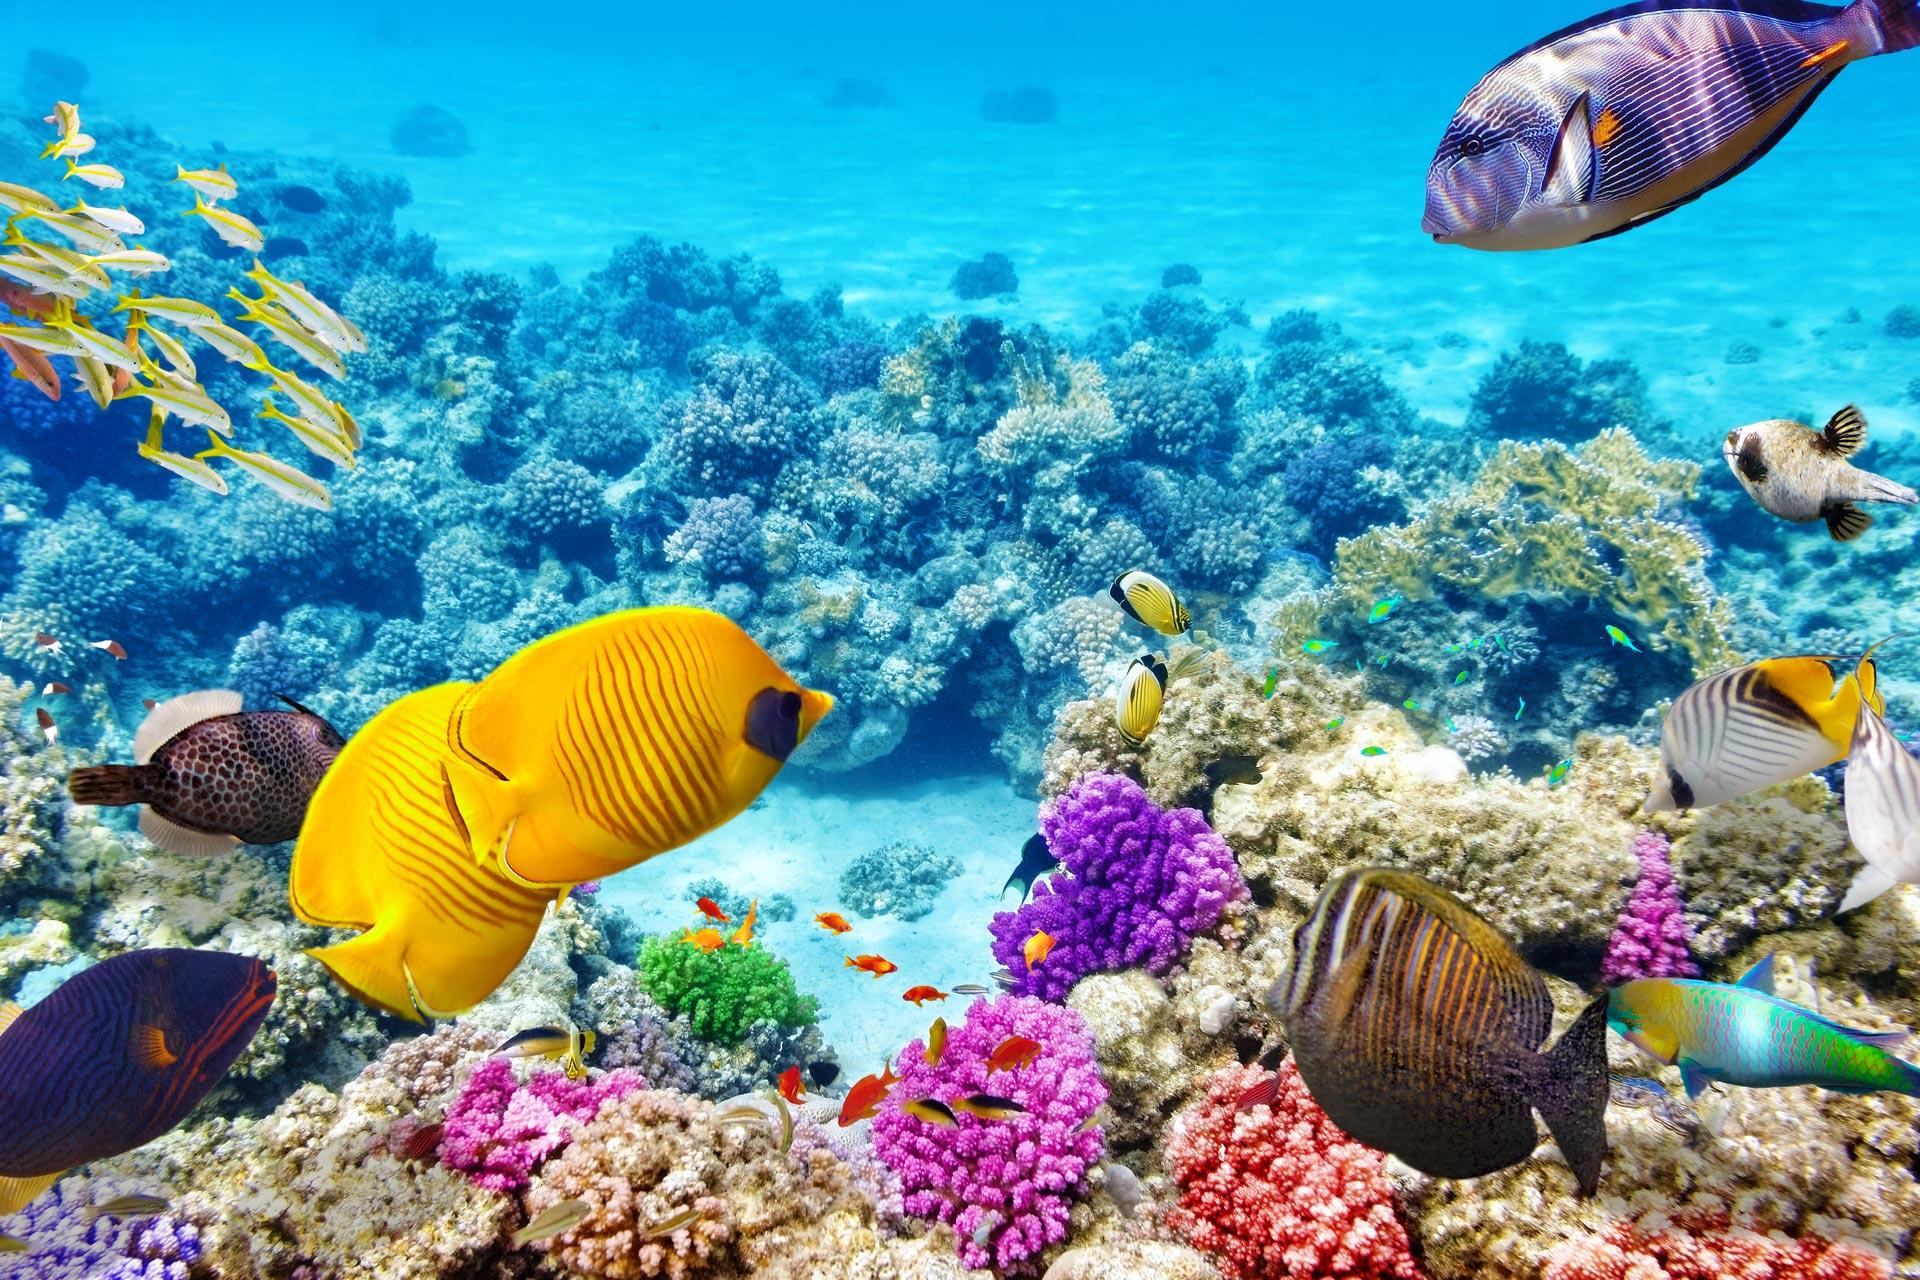 сорта подводный мир океана фото высокого разрешения словам